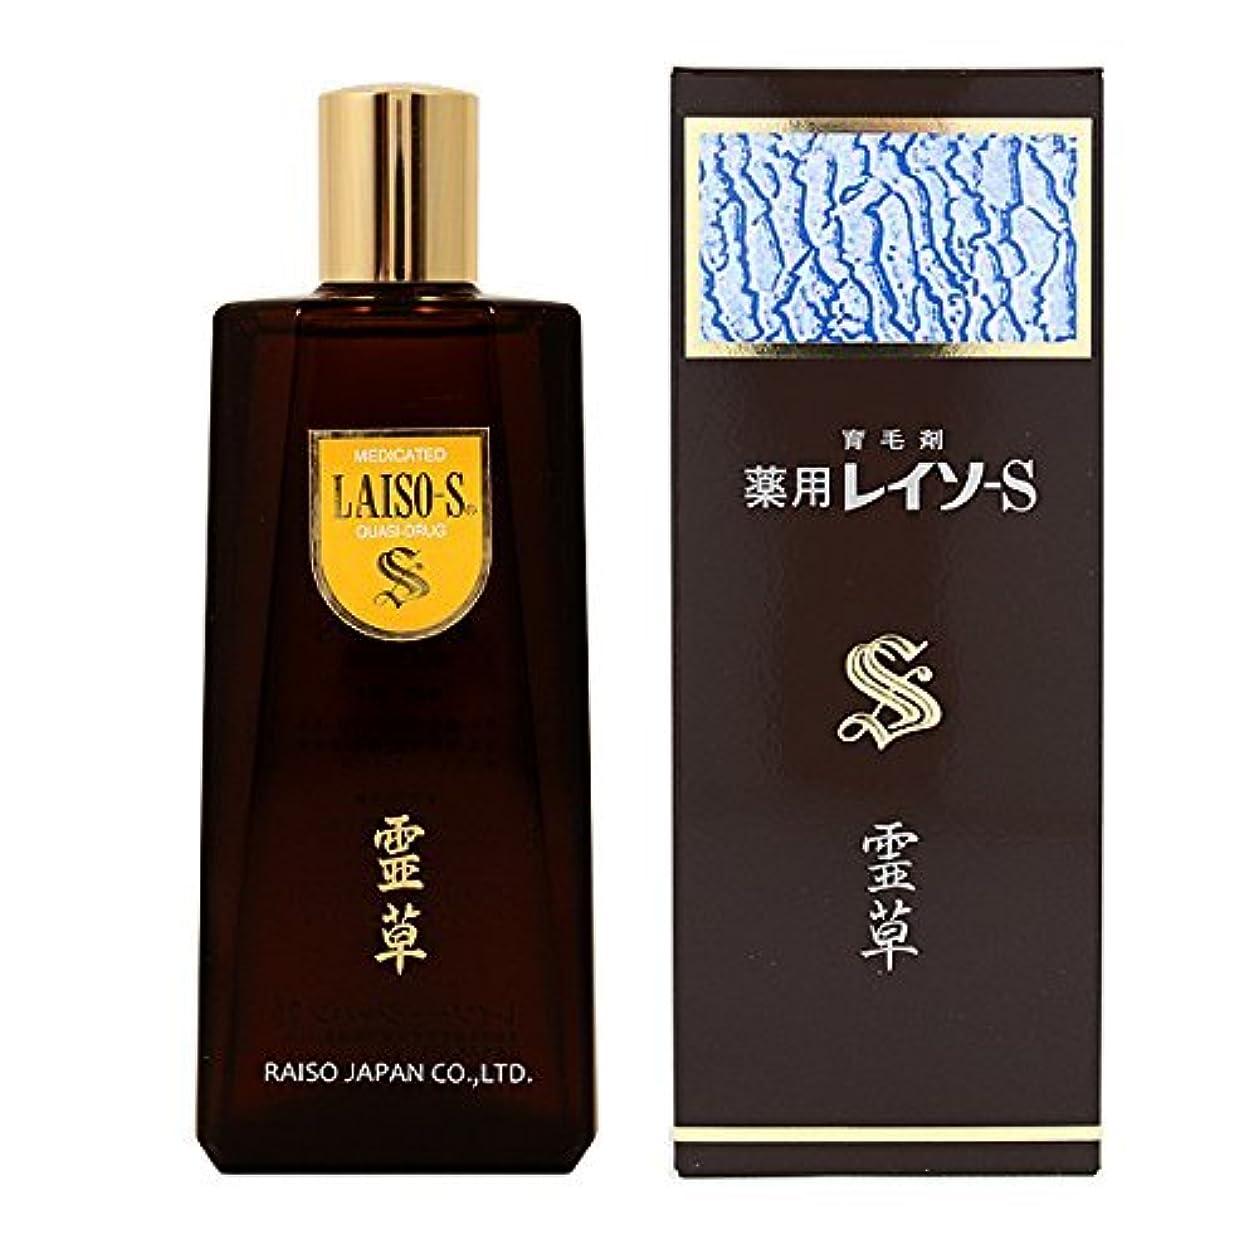 リーチカブ農民日本ヘアサプライ 薬用レイソーS 150ml